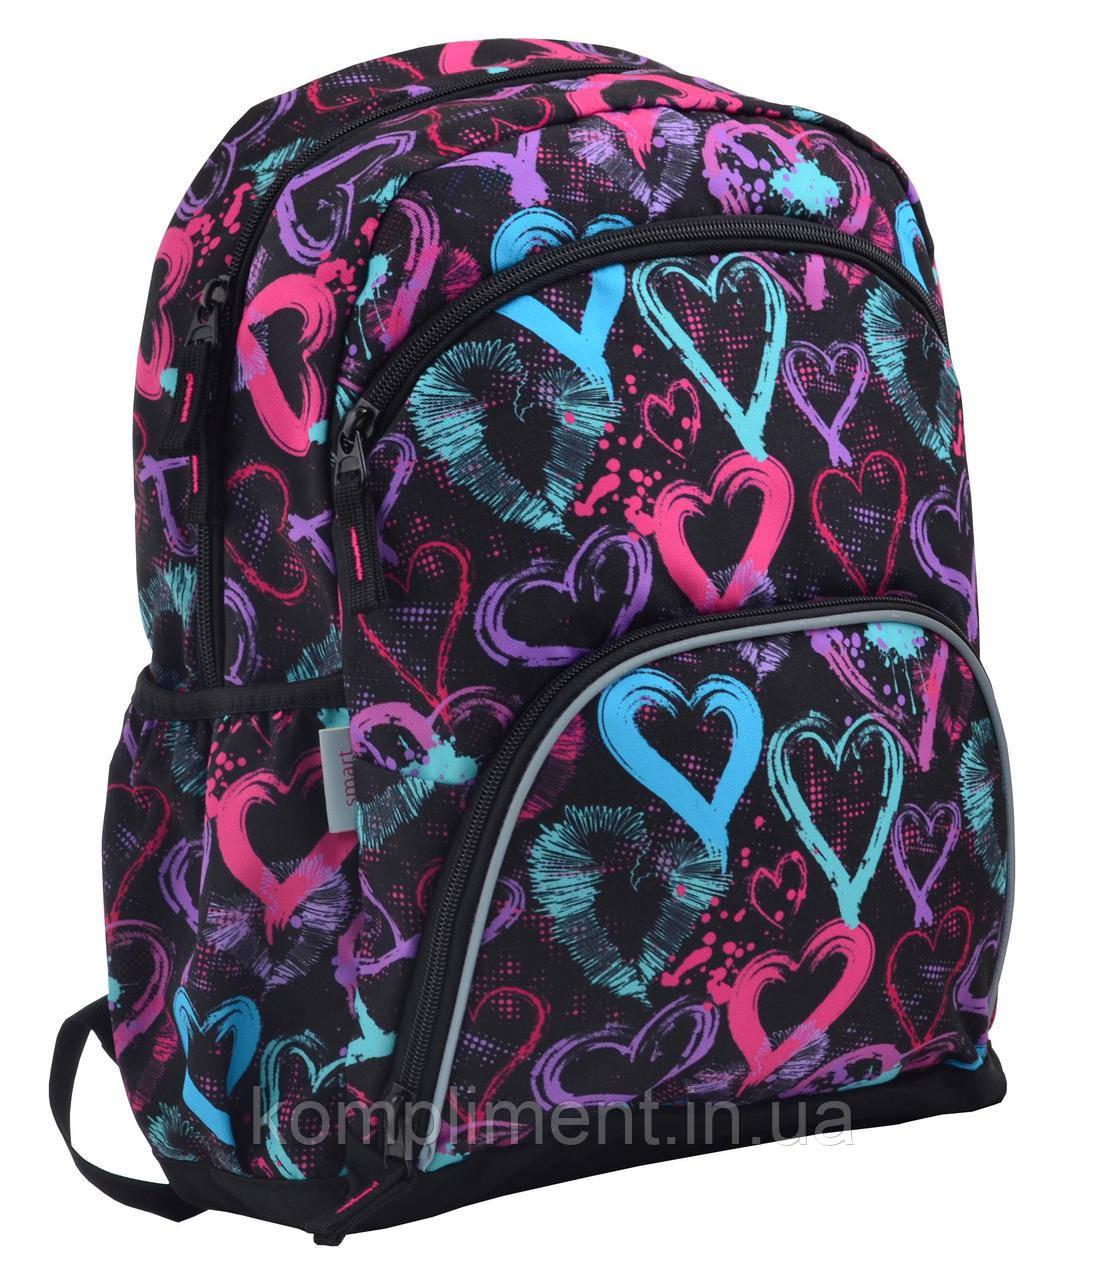 Рюкзак шкільний для дівчинки SG-21 Warmth, 40*30*13, SMART